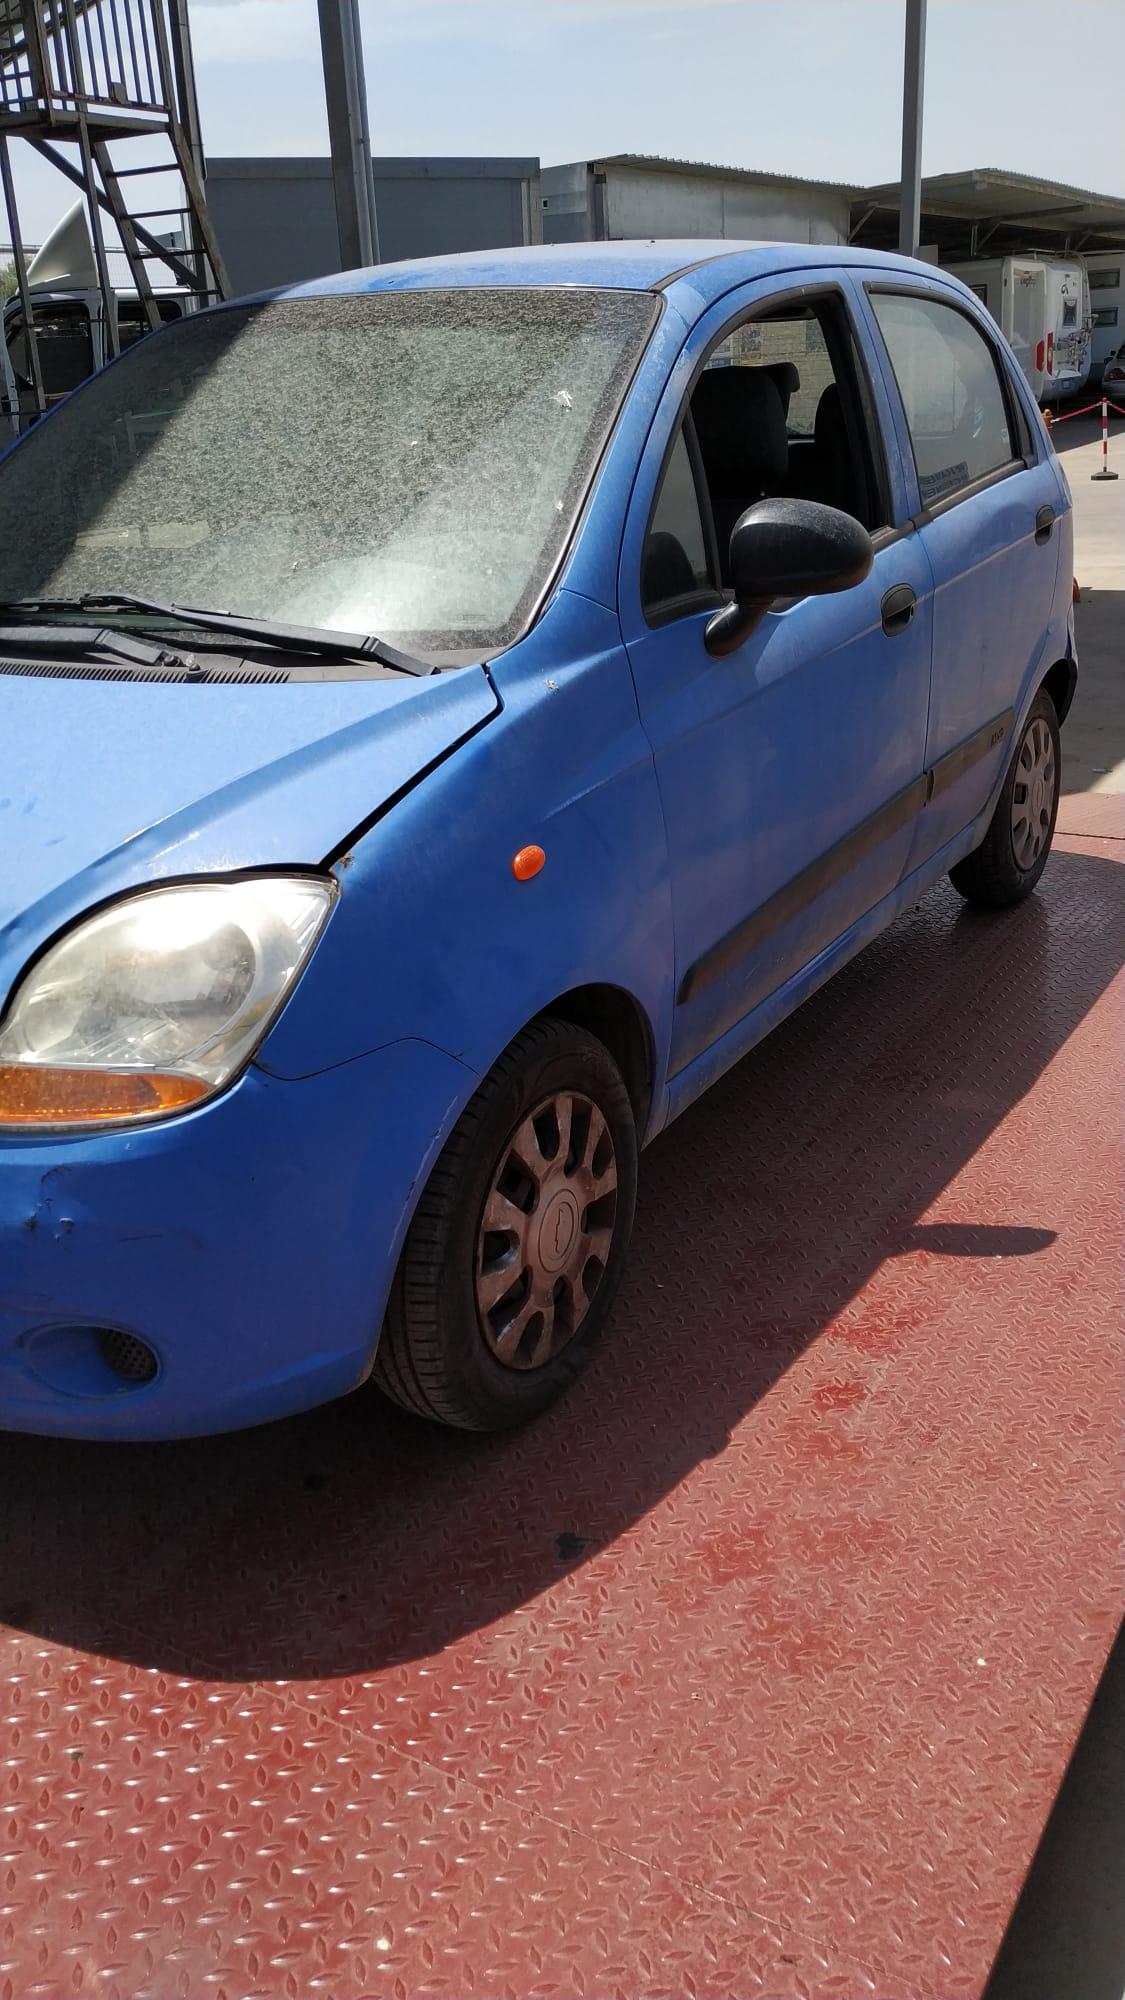 Read more about the article Chevrolet Matiz appena arrivata disponibile nel nostro autoparco di demolizione per la vendita di ricambi usati